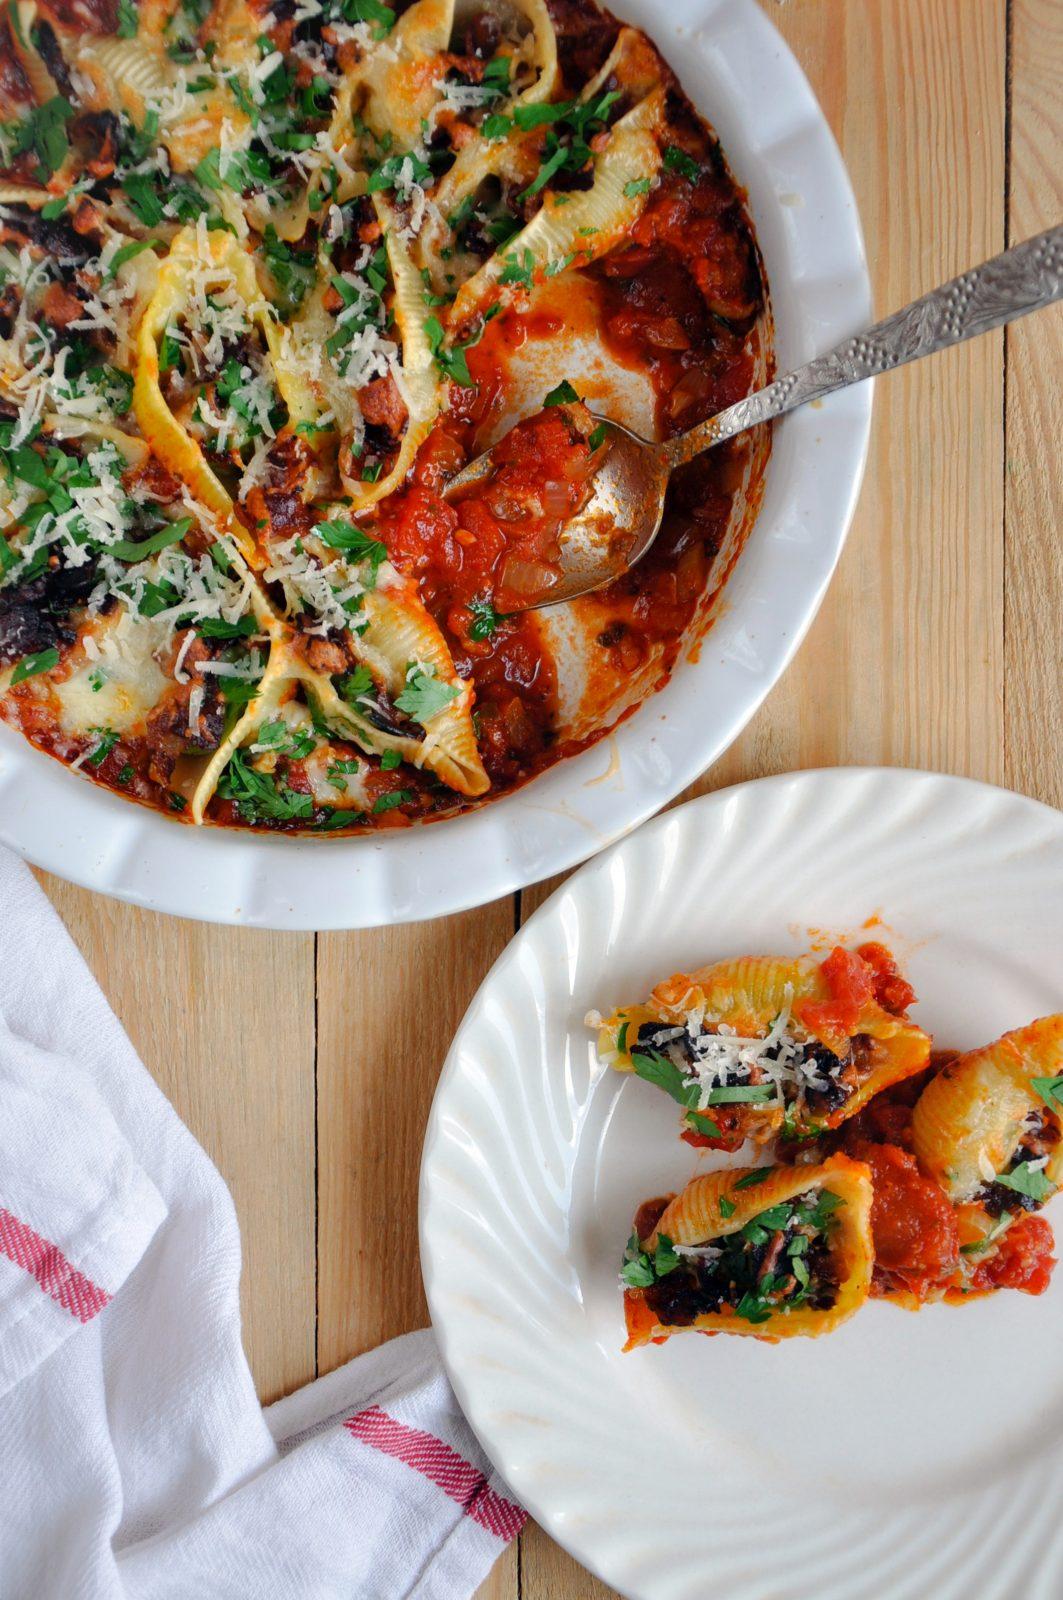 Muszle makaronowe nadziane bobem, boczkiem i mozzarellą. Zapieczone w domowym sosie pomidorowym